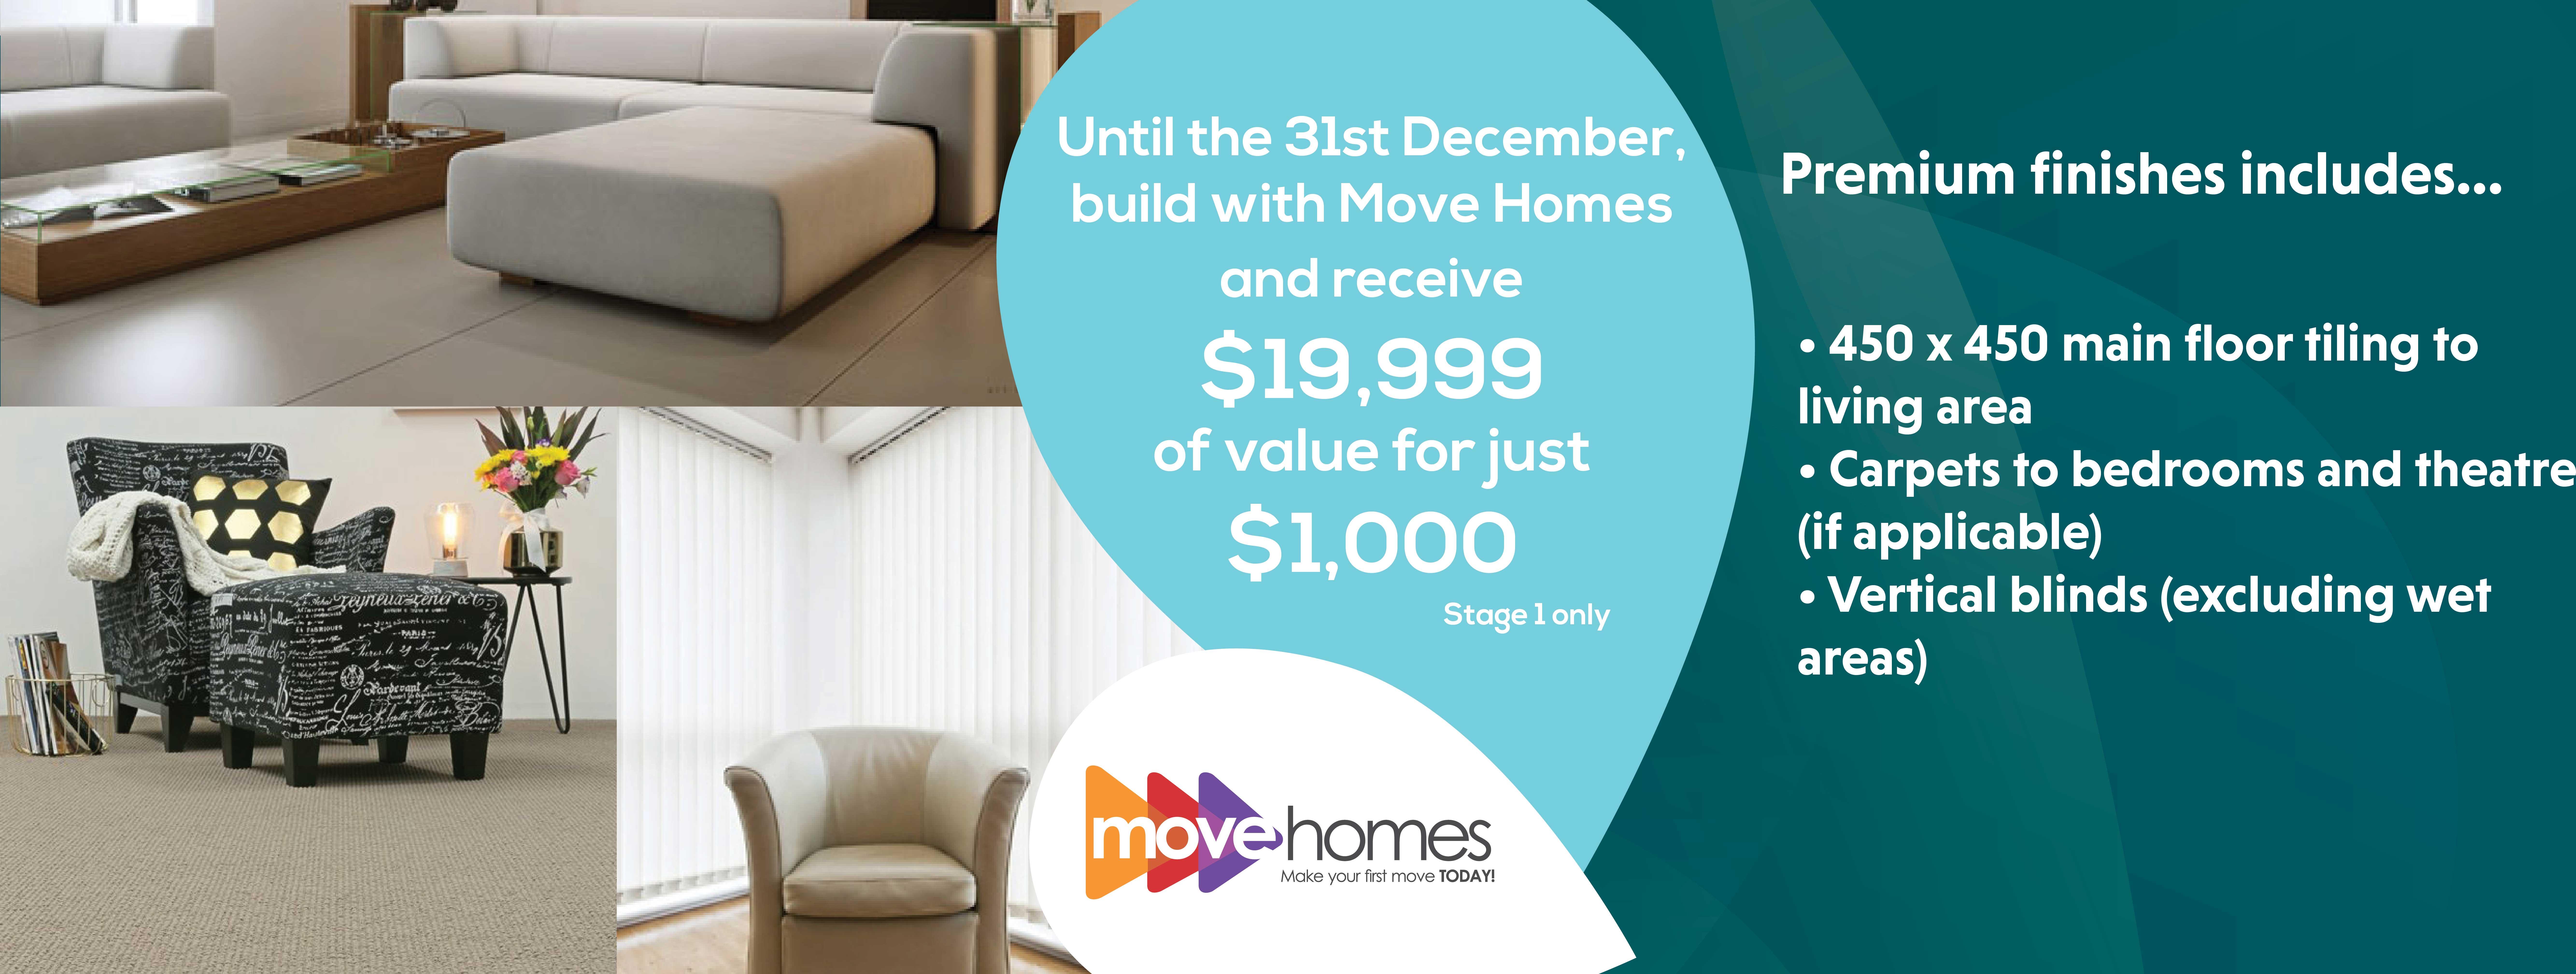 Move Homes Promo